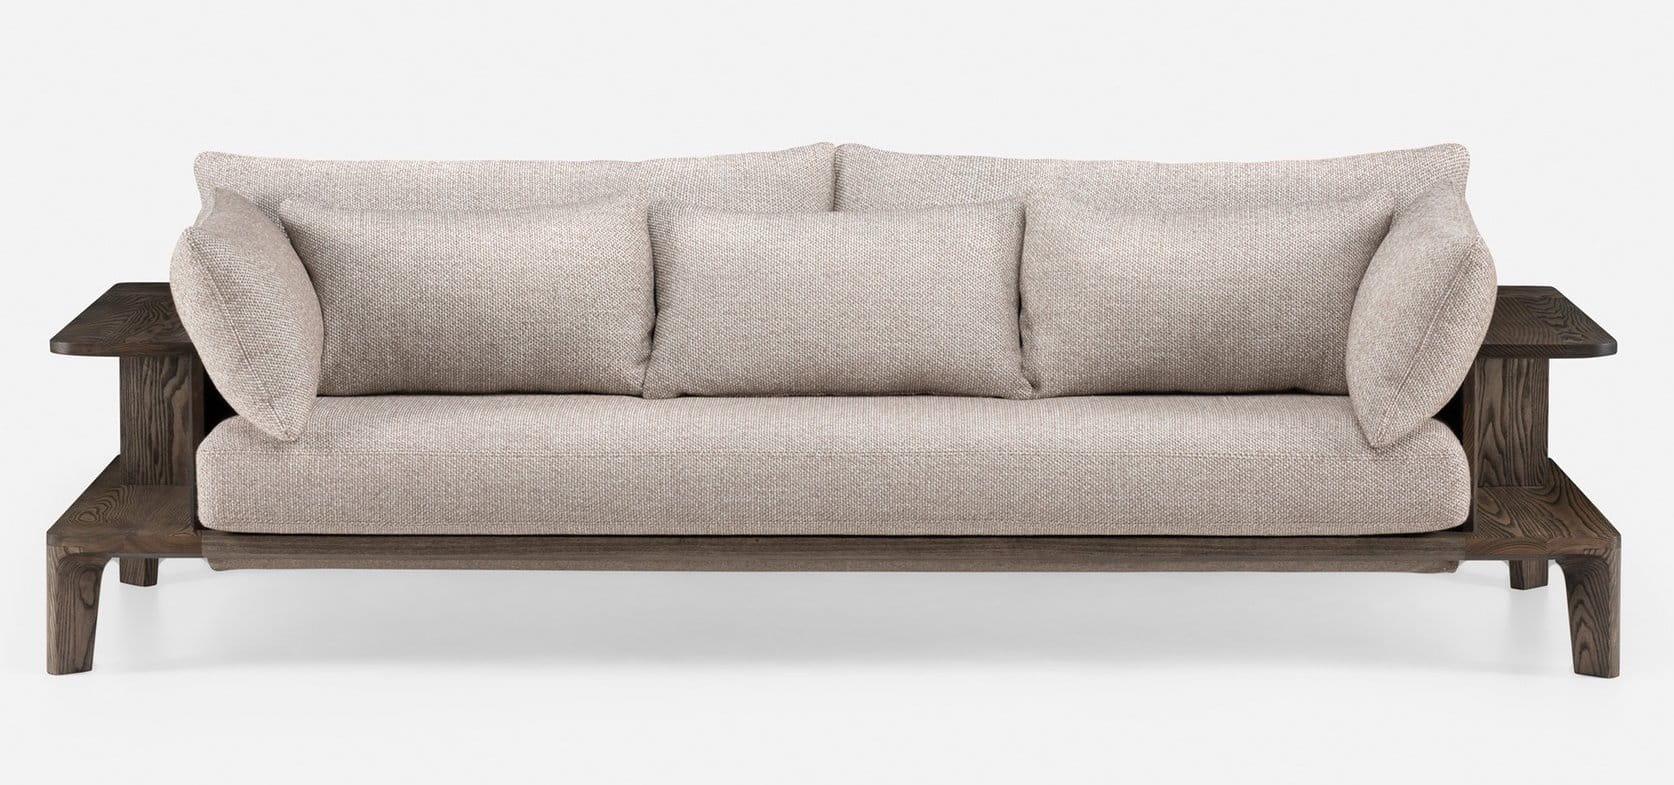 prosty mebel do minimalistycznych wnętrz